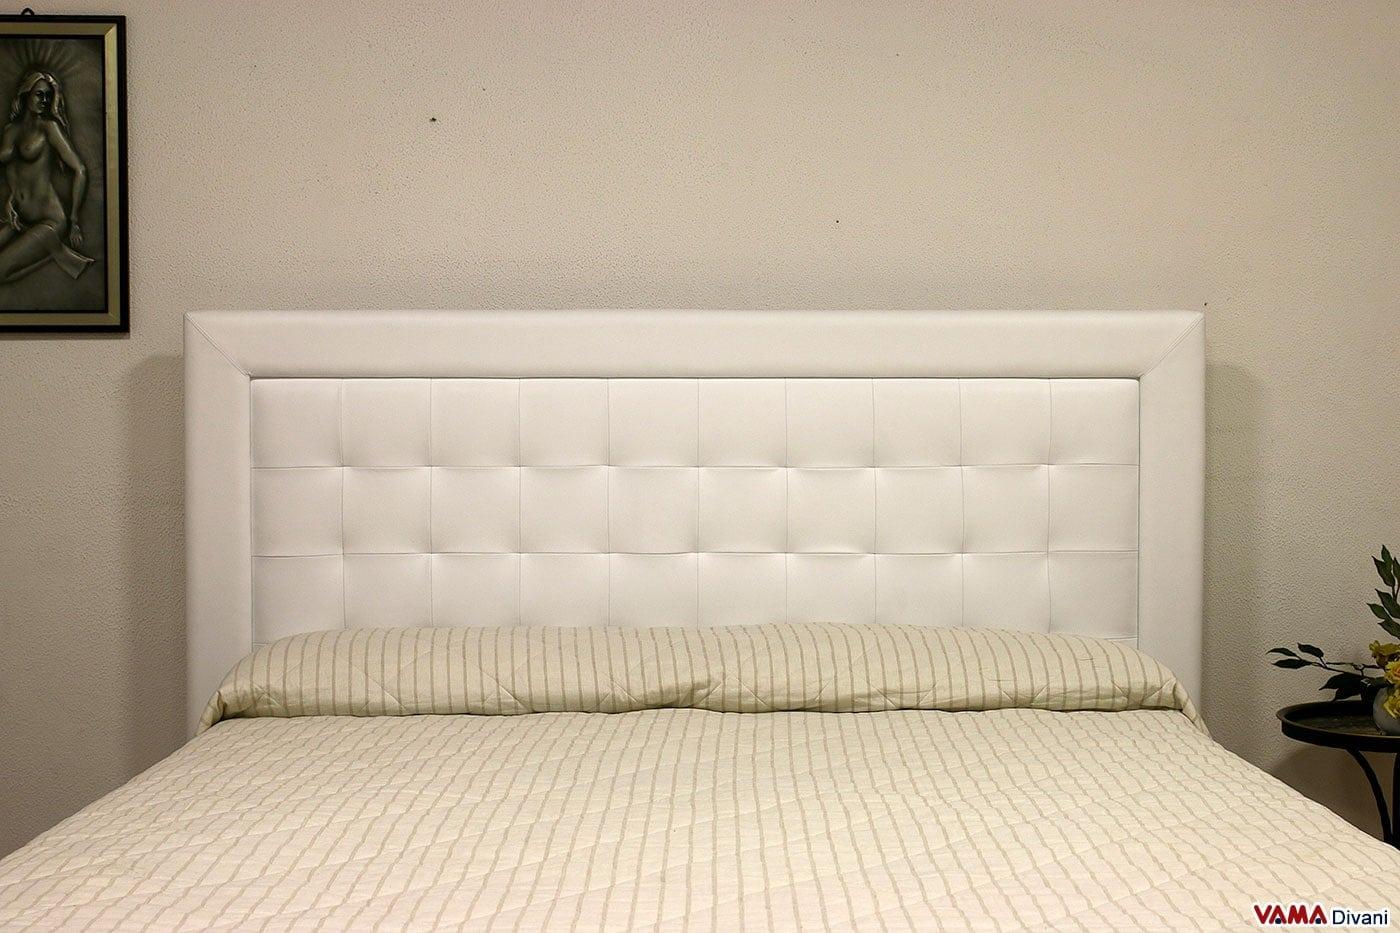 Letto moderno bianco in pelle con testiera a quadri - Testiera letto moderna ...